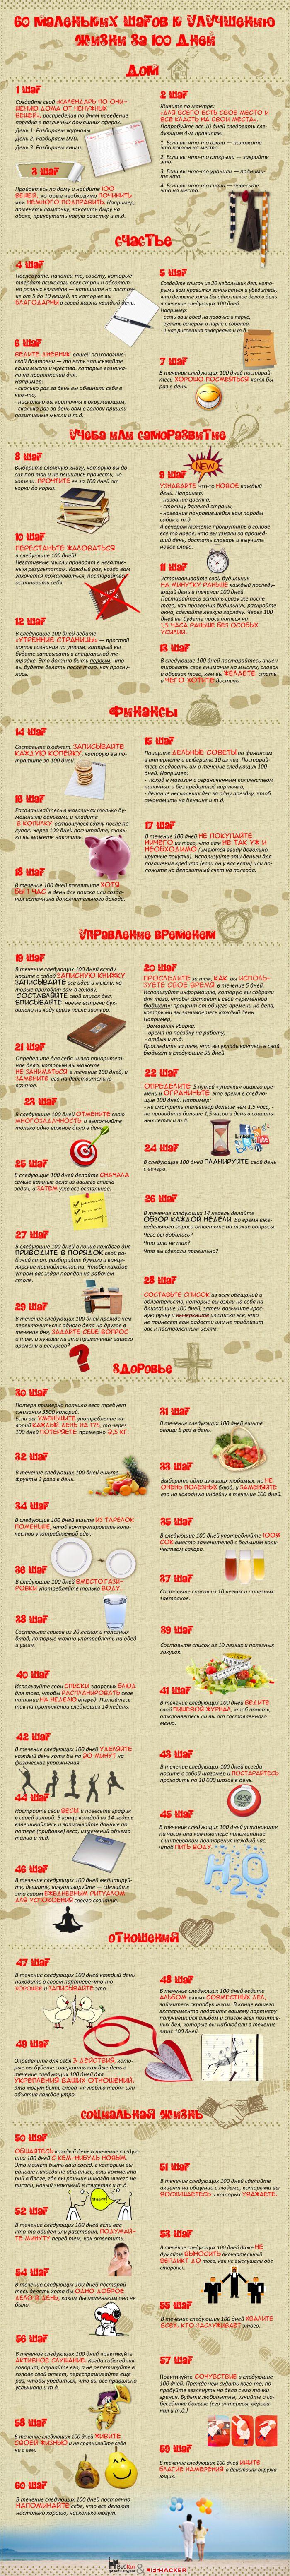 Как  улучшить  свою  жизнь  за  60  дней  (1  картинка)